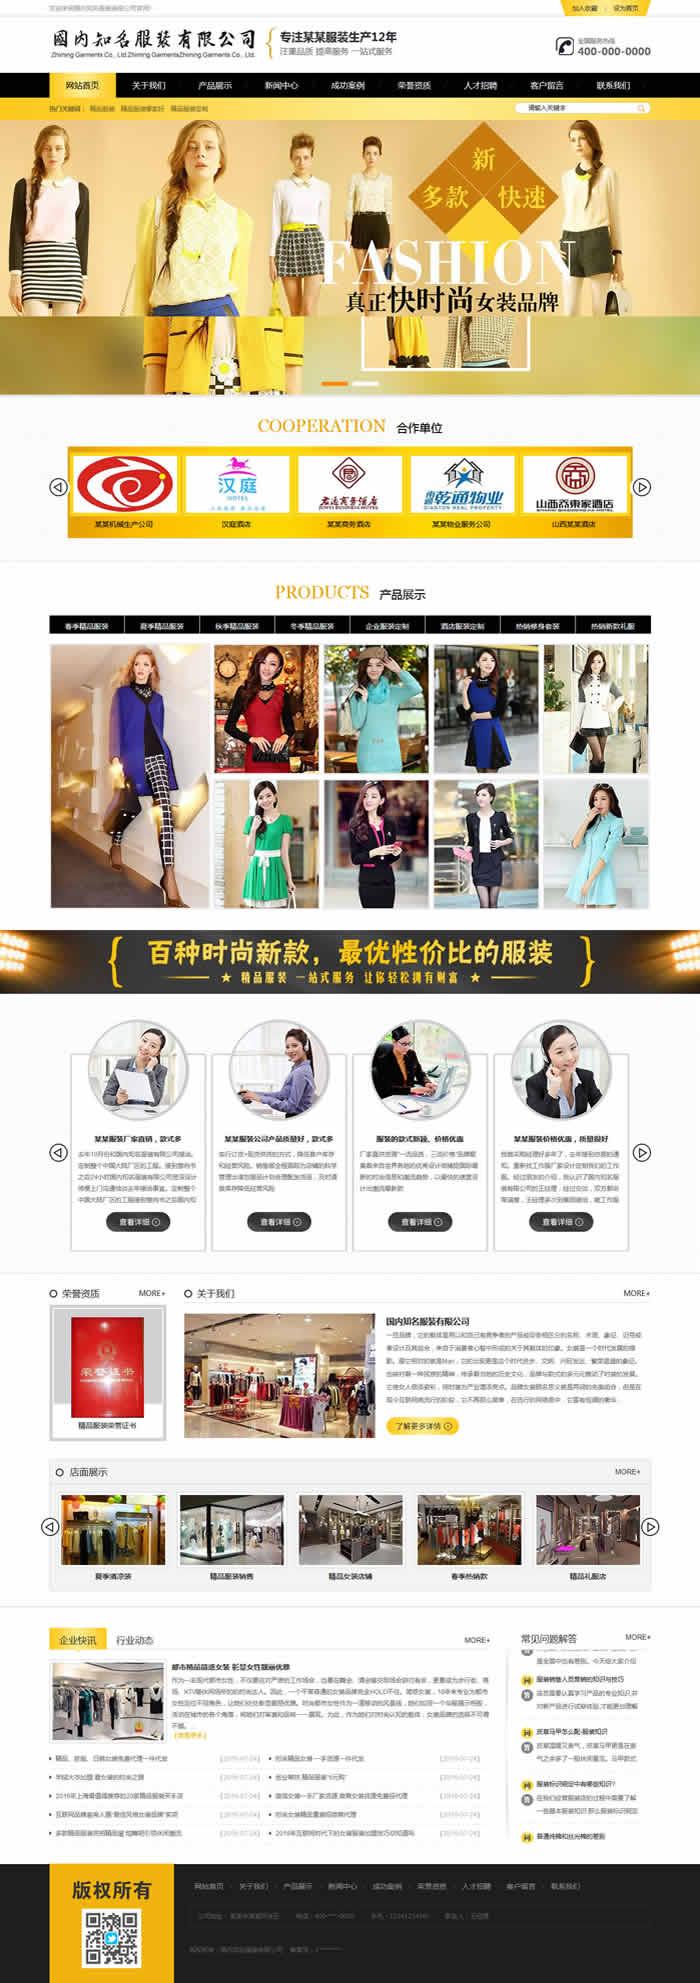 服装服饰企业网站